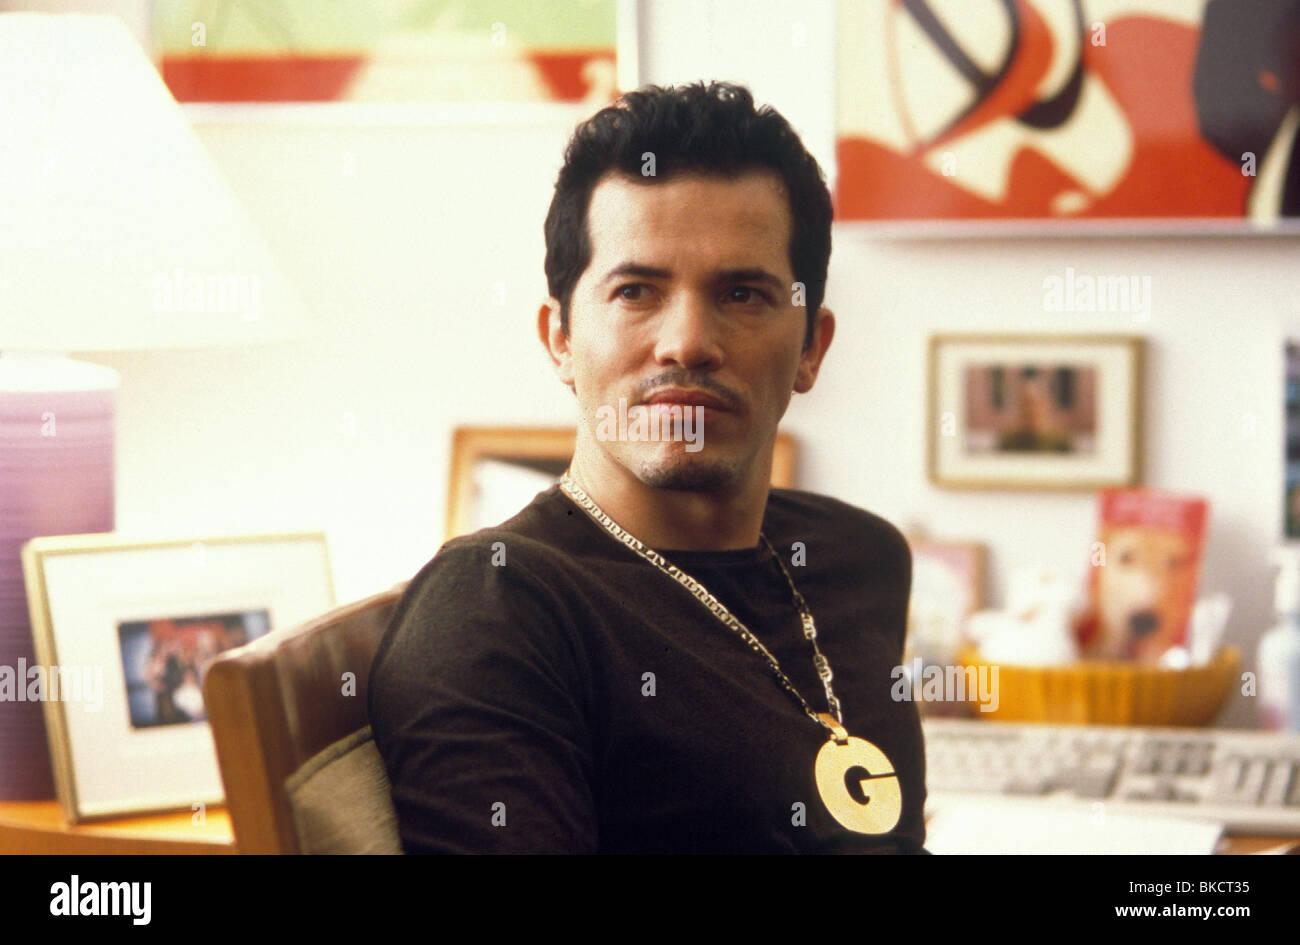 Empire 2002 John Leguizamo Stock Photos & Empire 2002 John Leguizamo ...